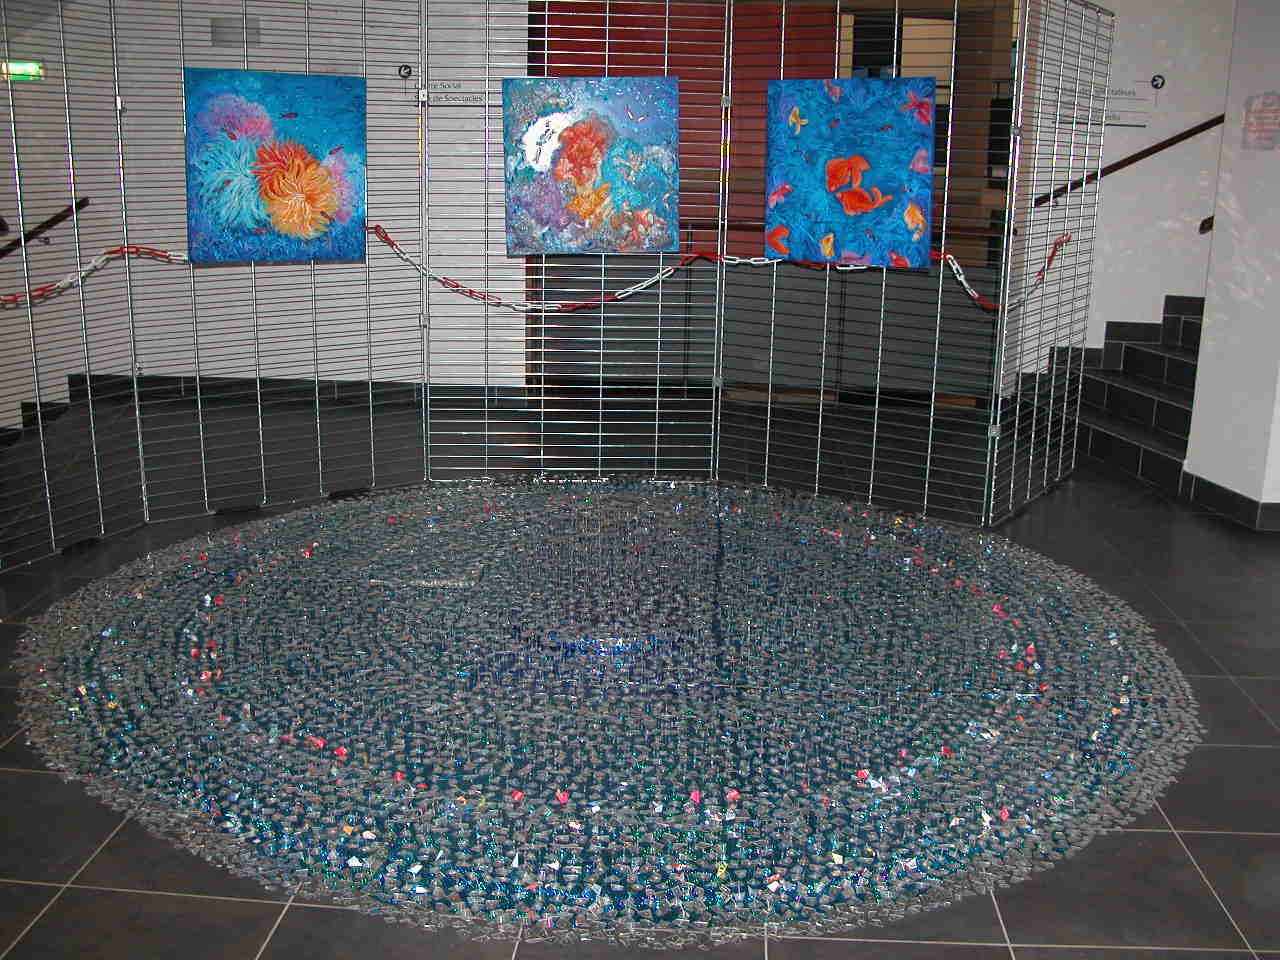 Fontaine Miroitante et 3 tableaux